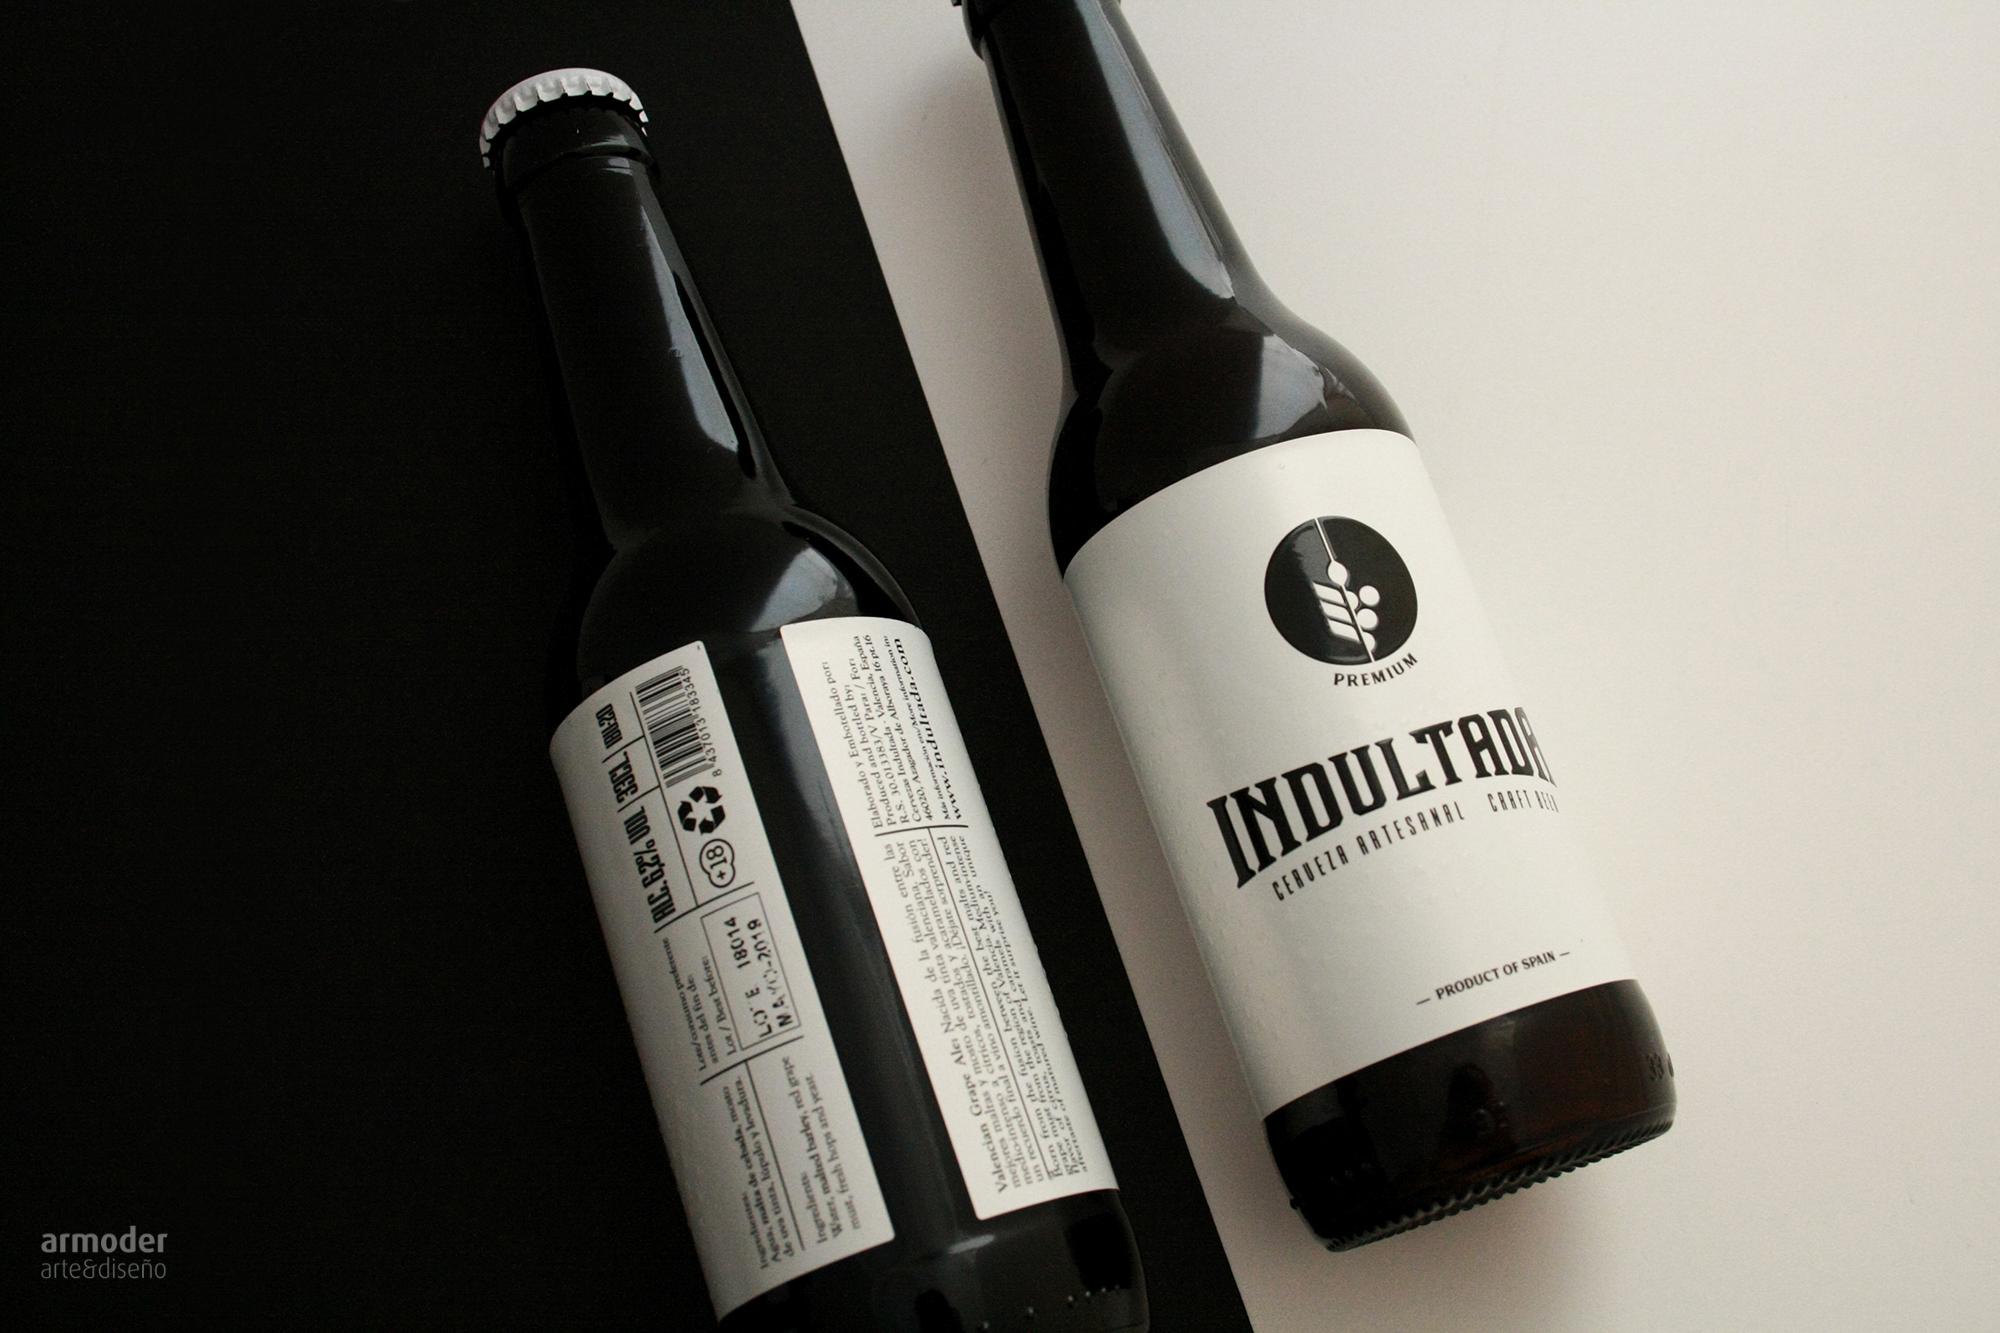 Armoder Arte & Diseño - Indultada Beer1.jpg